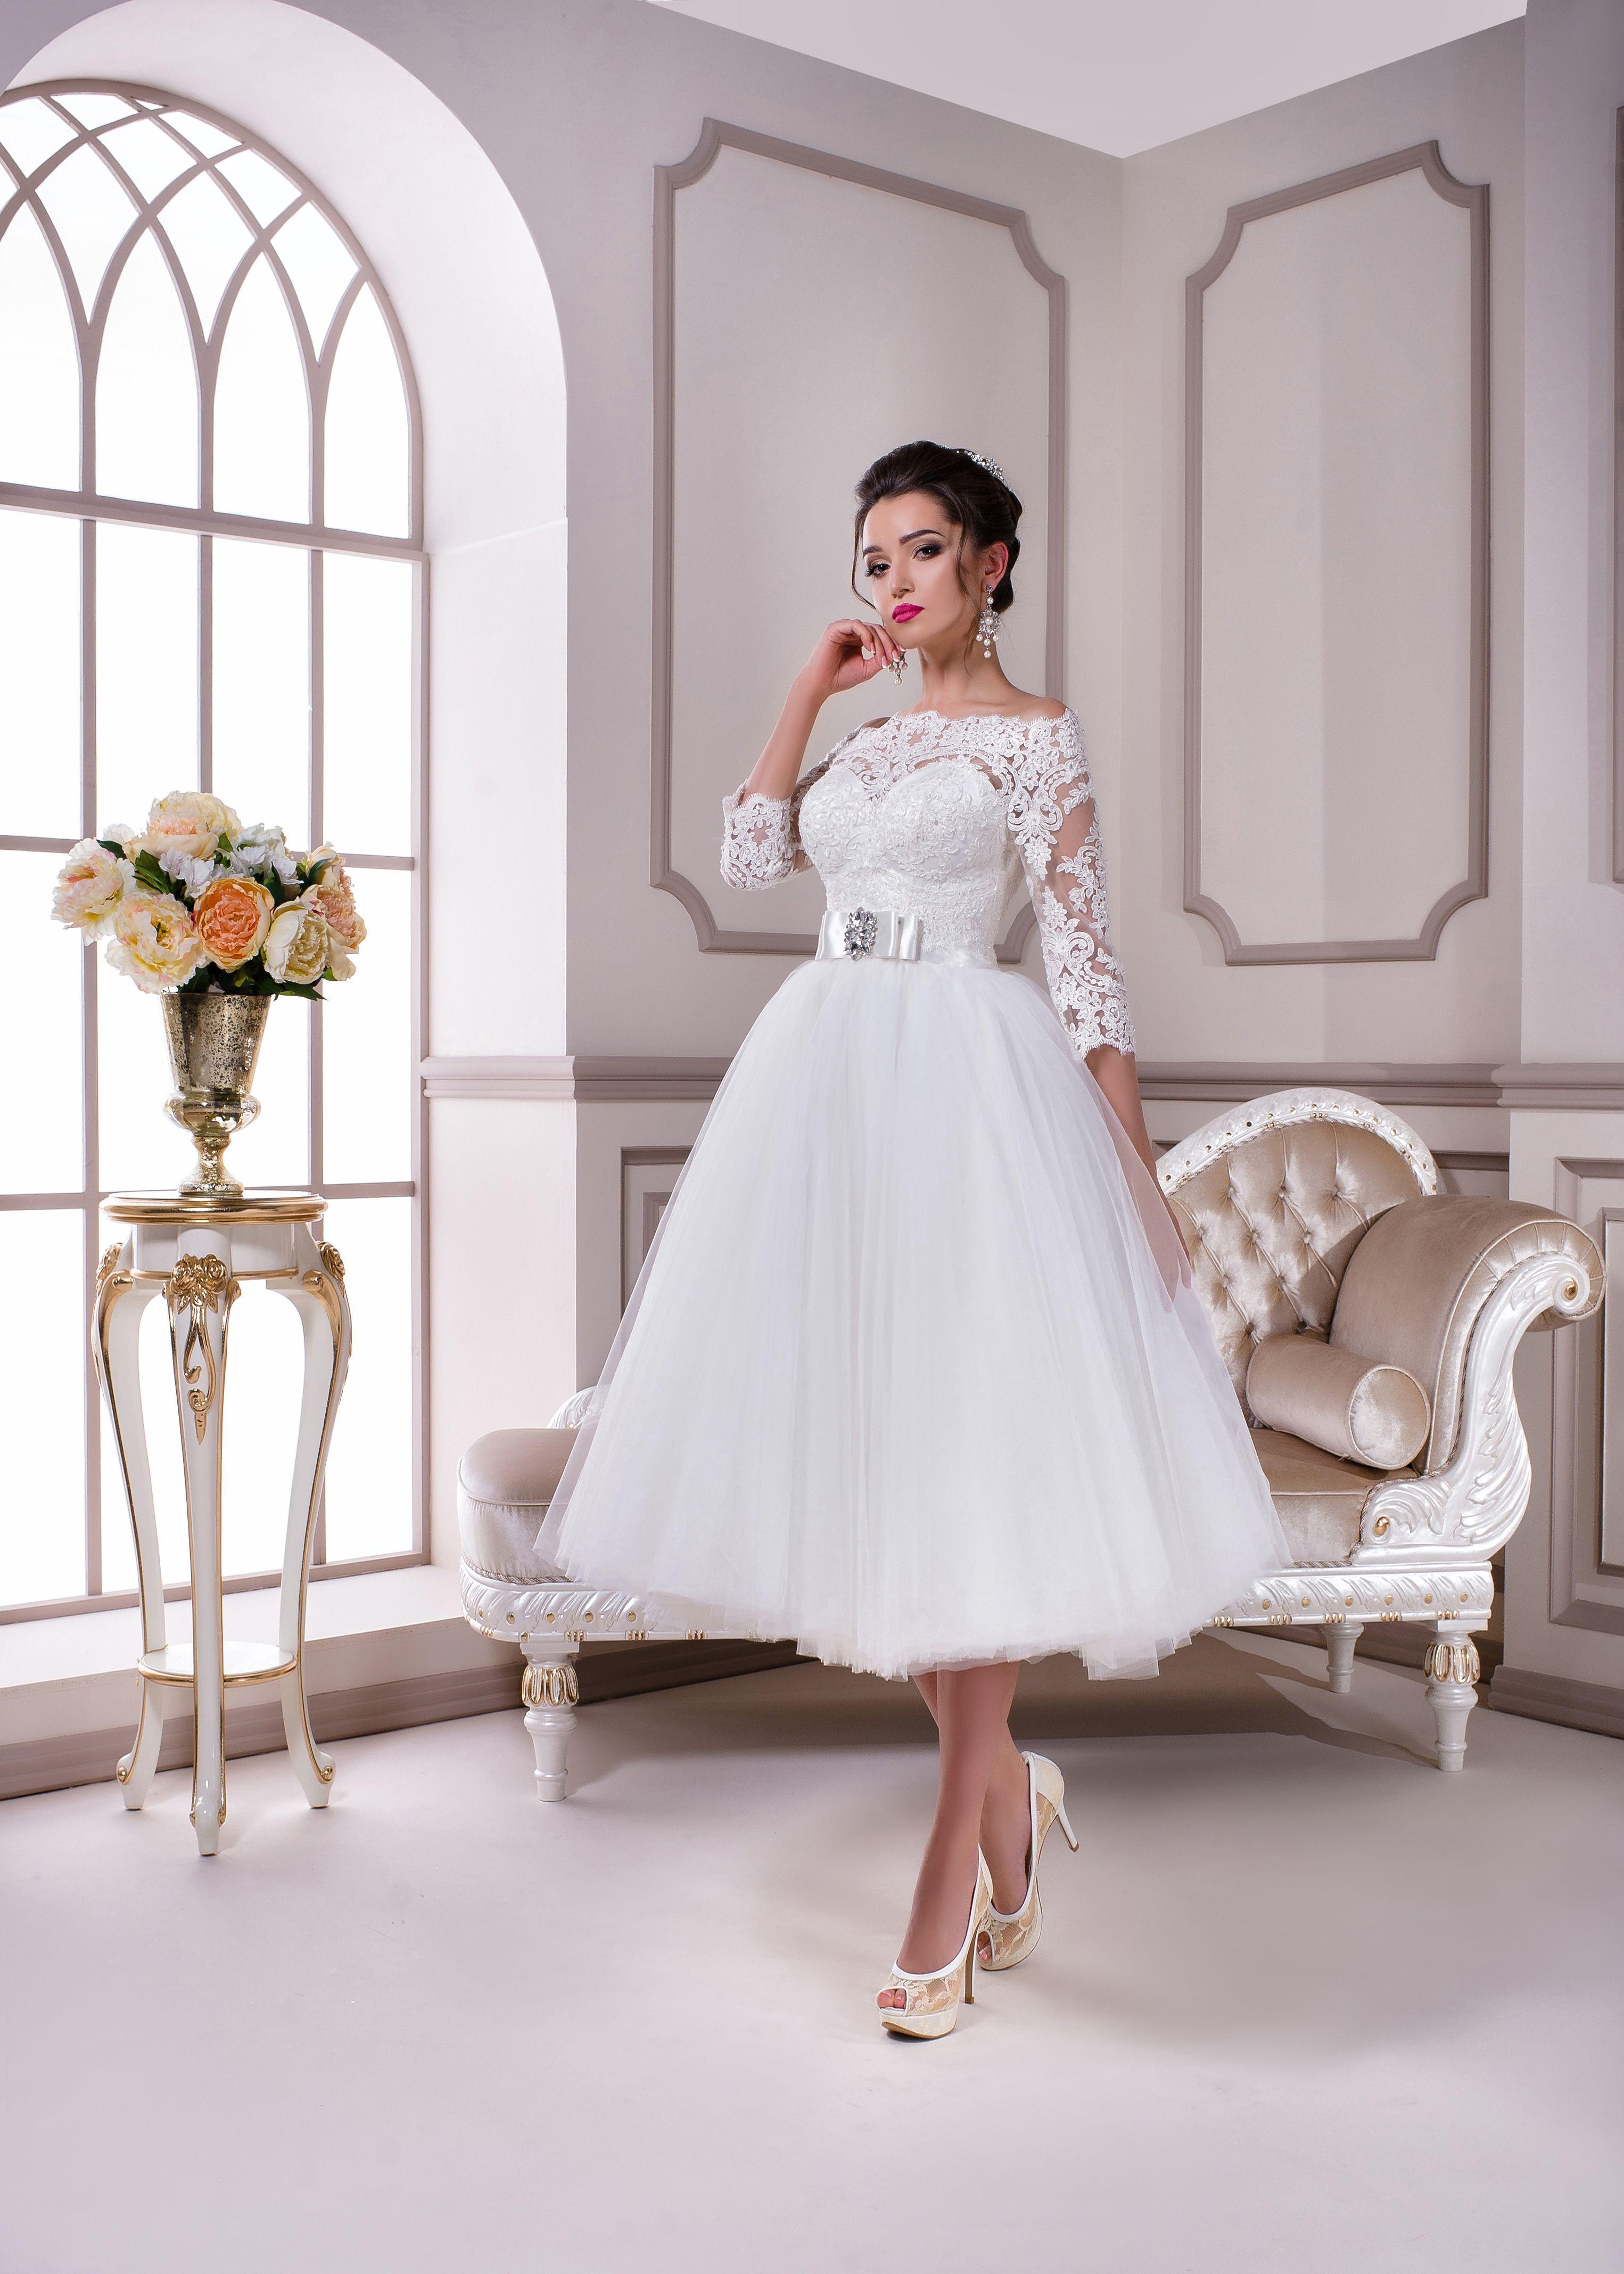 577c159a441 Короткое свадебное платье белого цвета. Расшито тонким кружевом шантильи.  Короткий топ с вырезом сердечко